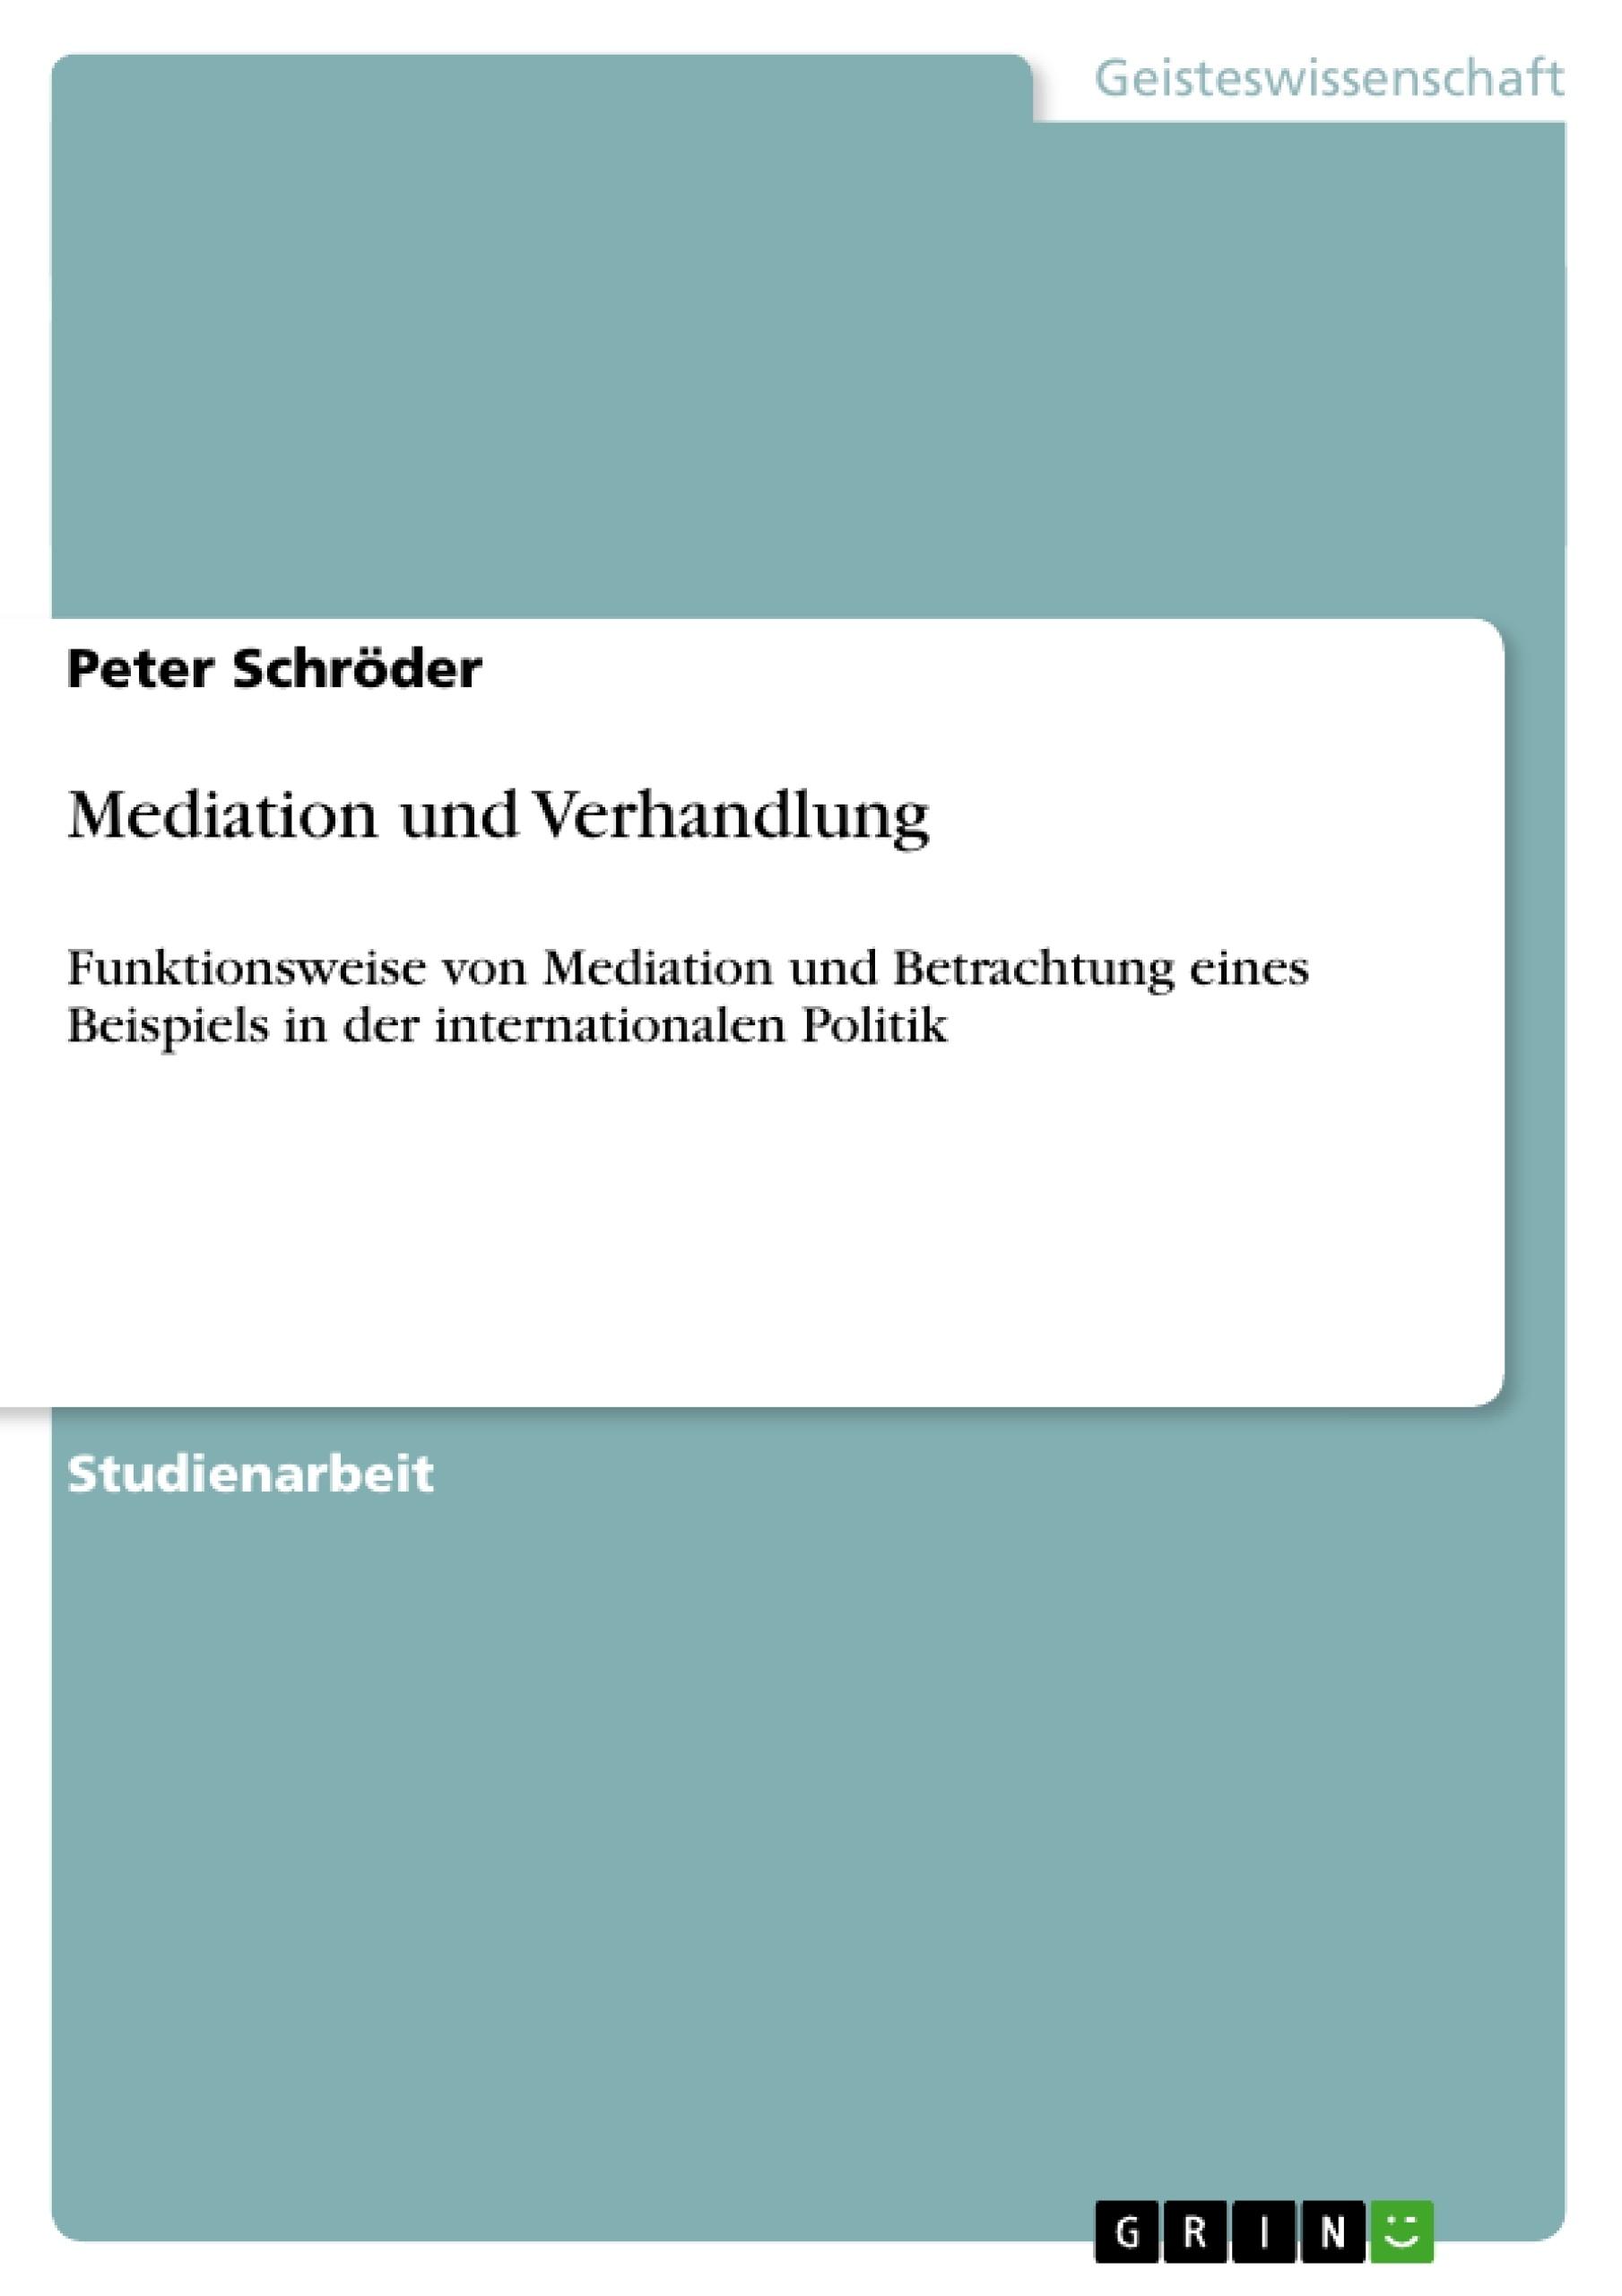 Titel: Mediation und Verhandlung